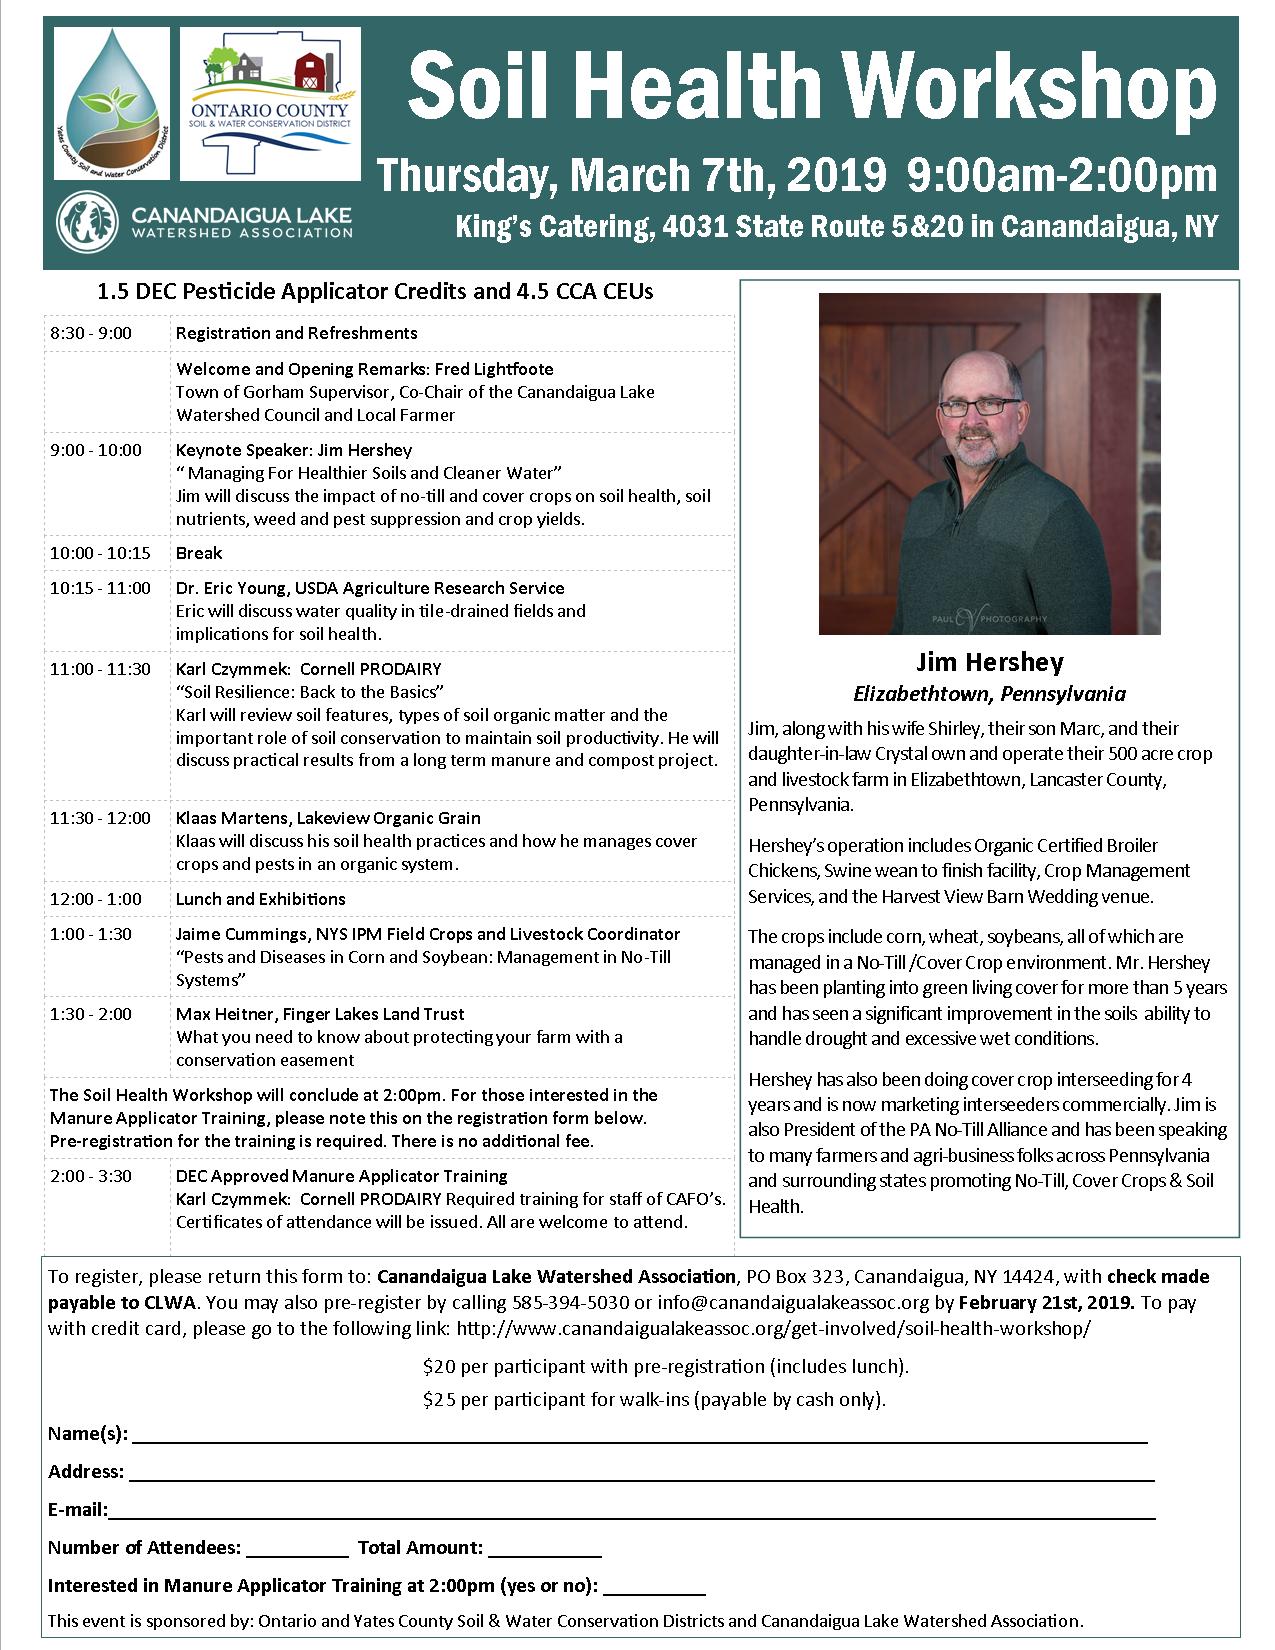 Soil Health Workshop Flyer 2019